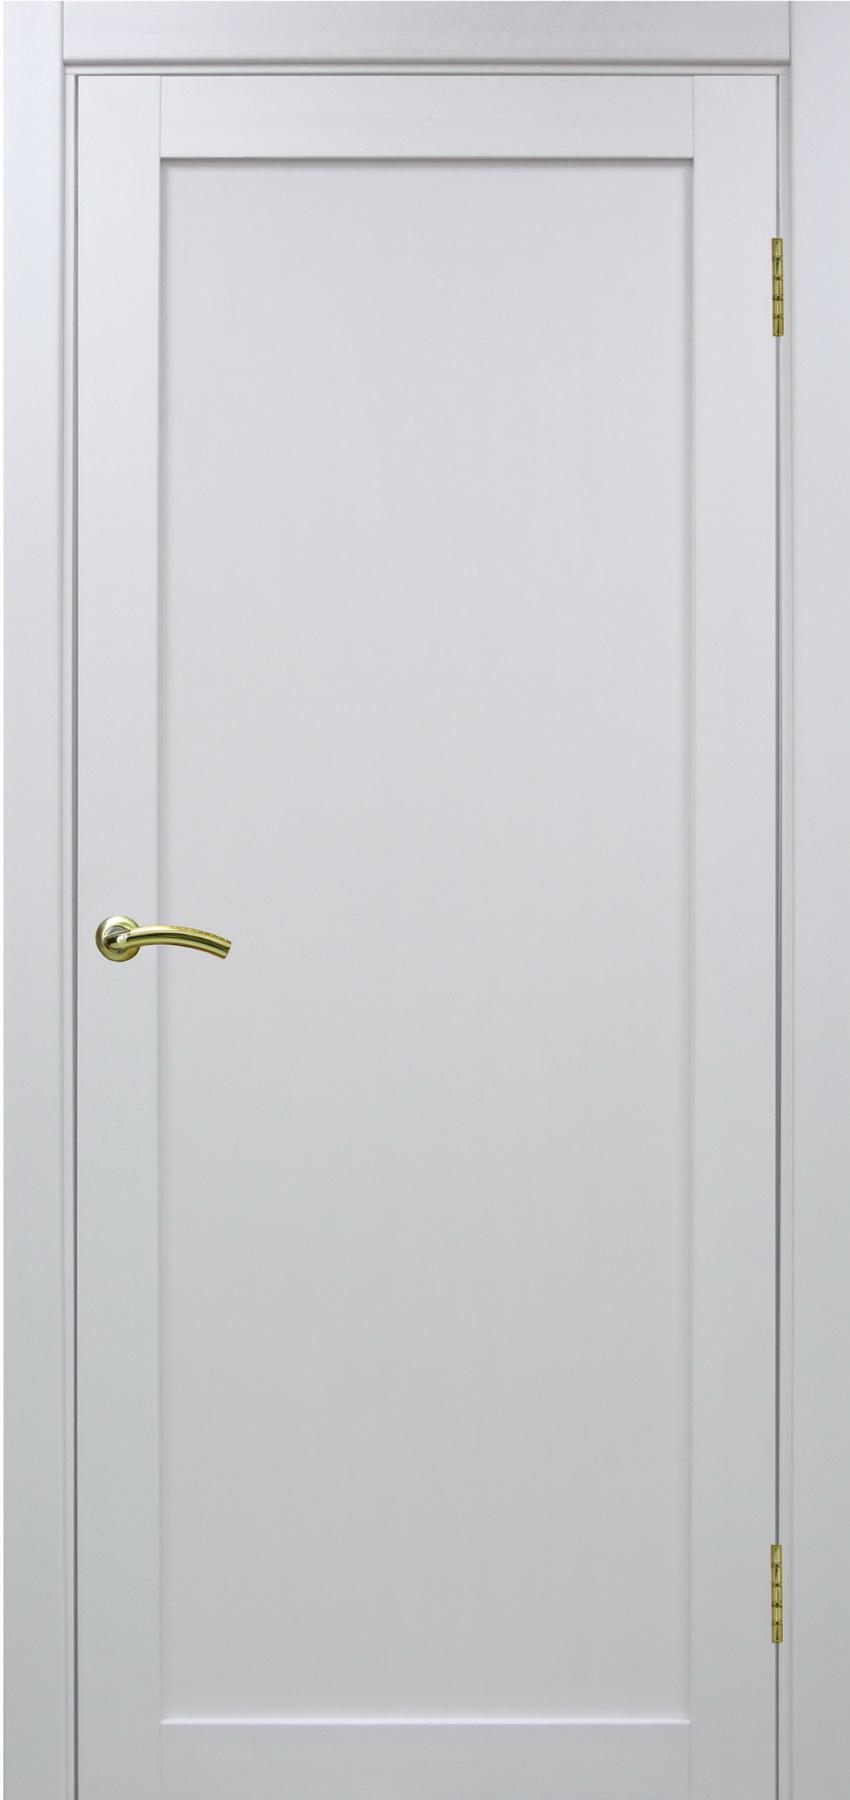 Турин 501 Белый монохром Остекление №1